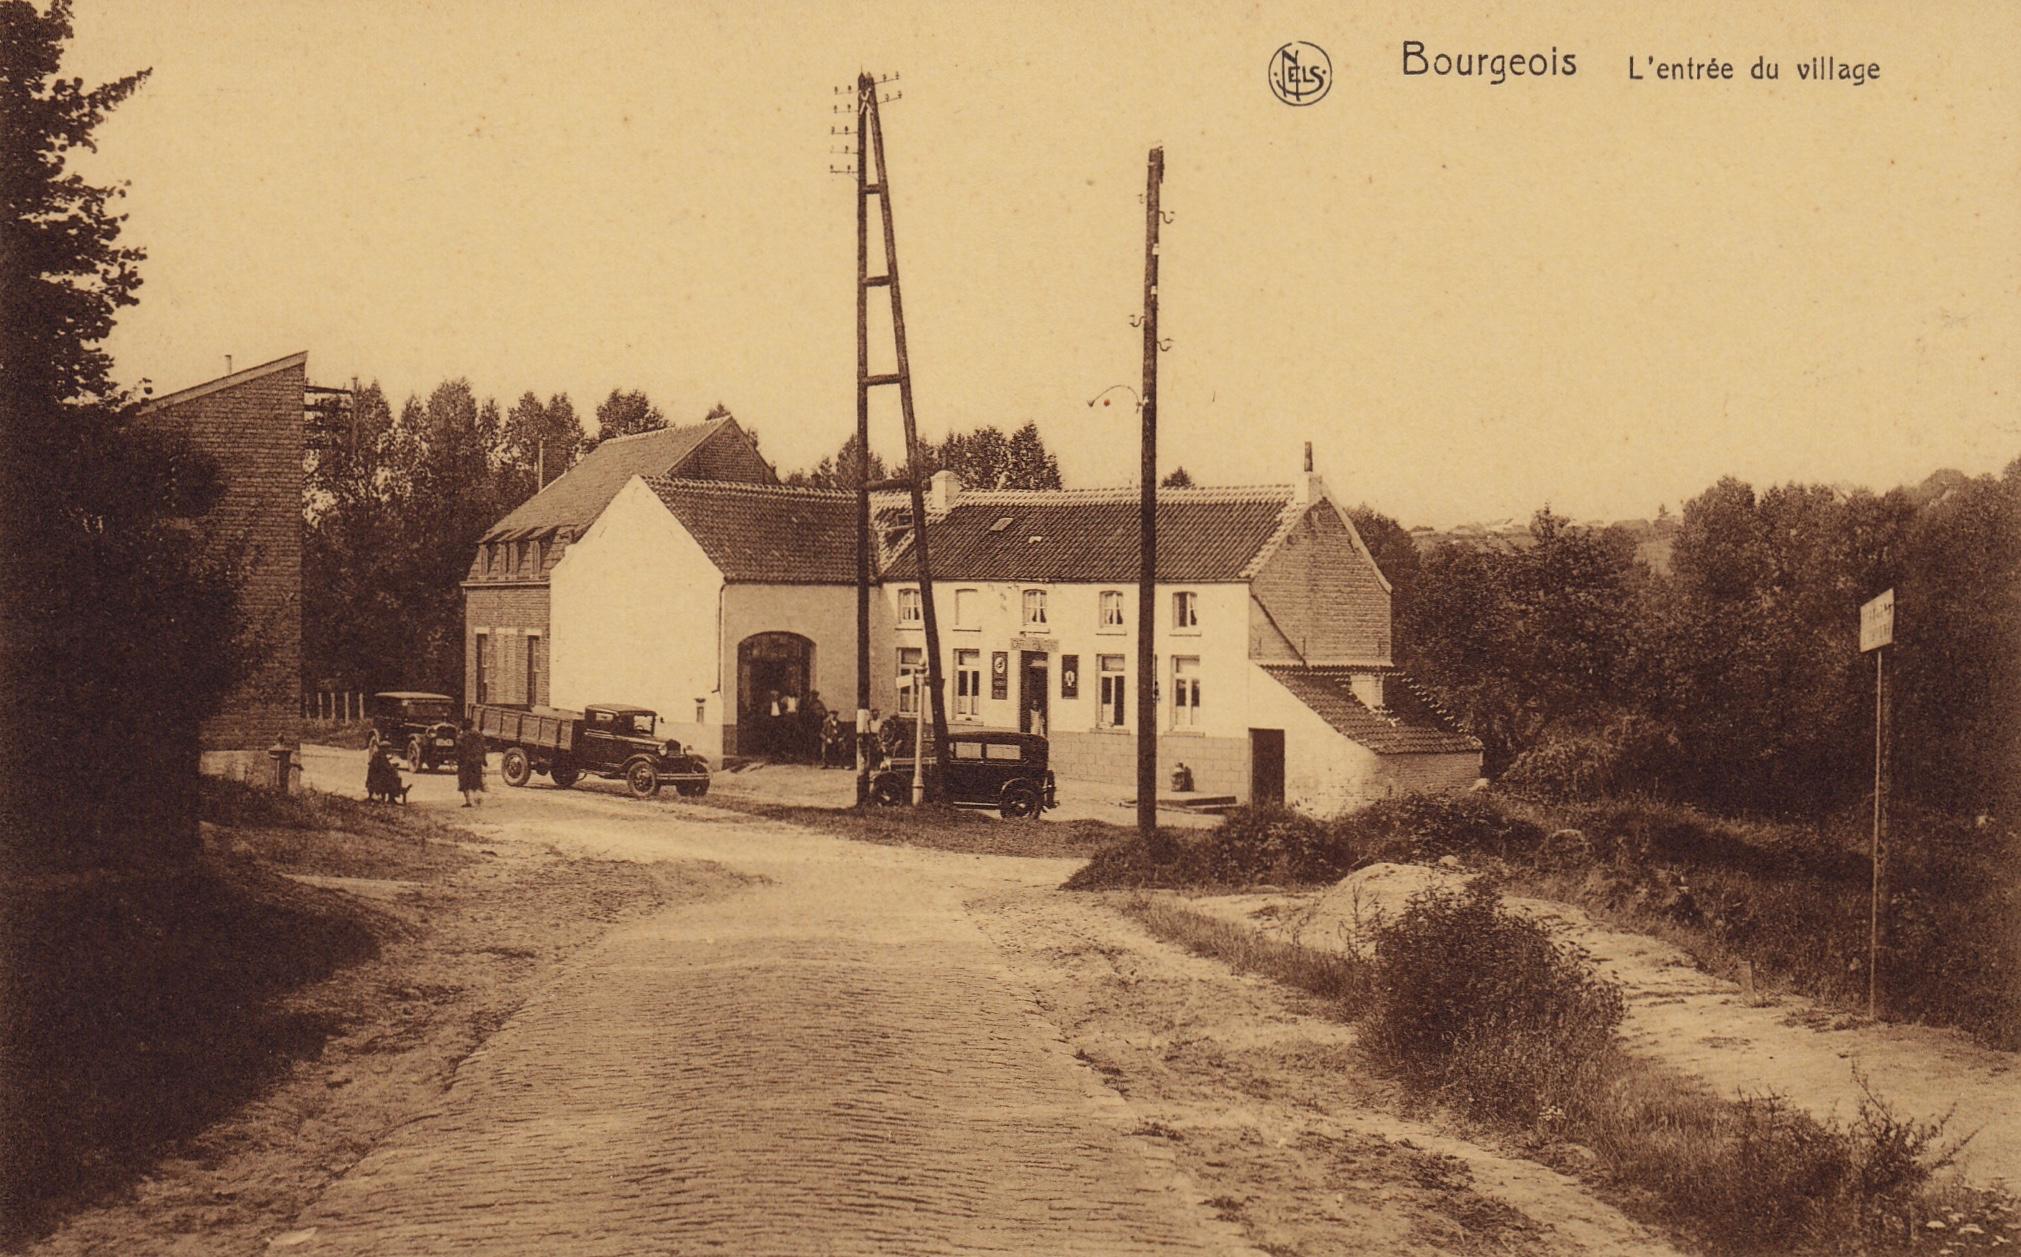 2 Entrée du village Bourgeois coll. Jean-Louis Lebrun copie